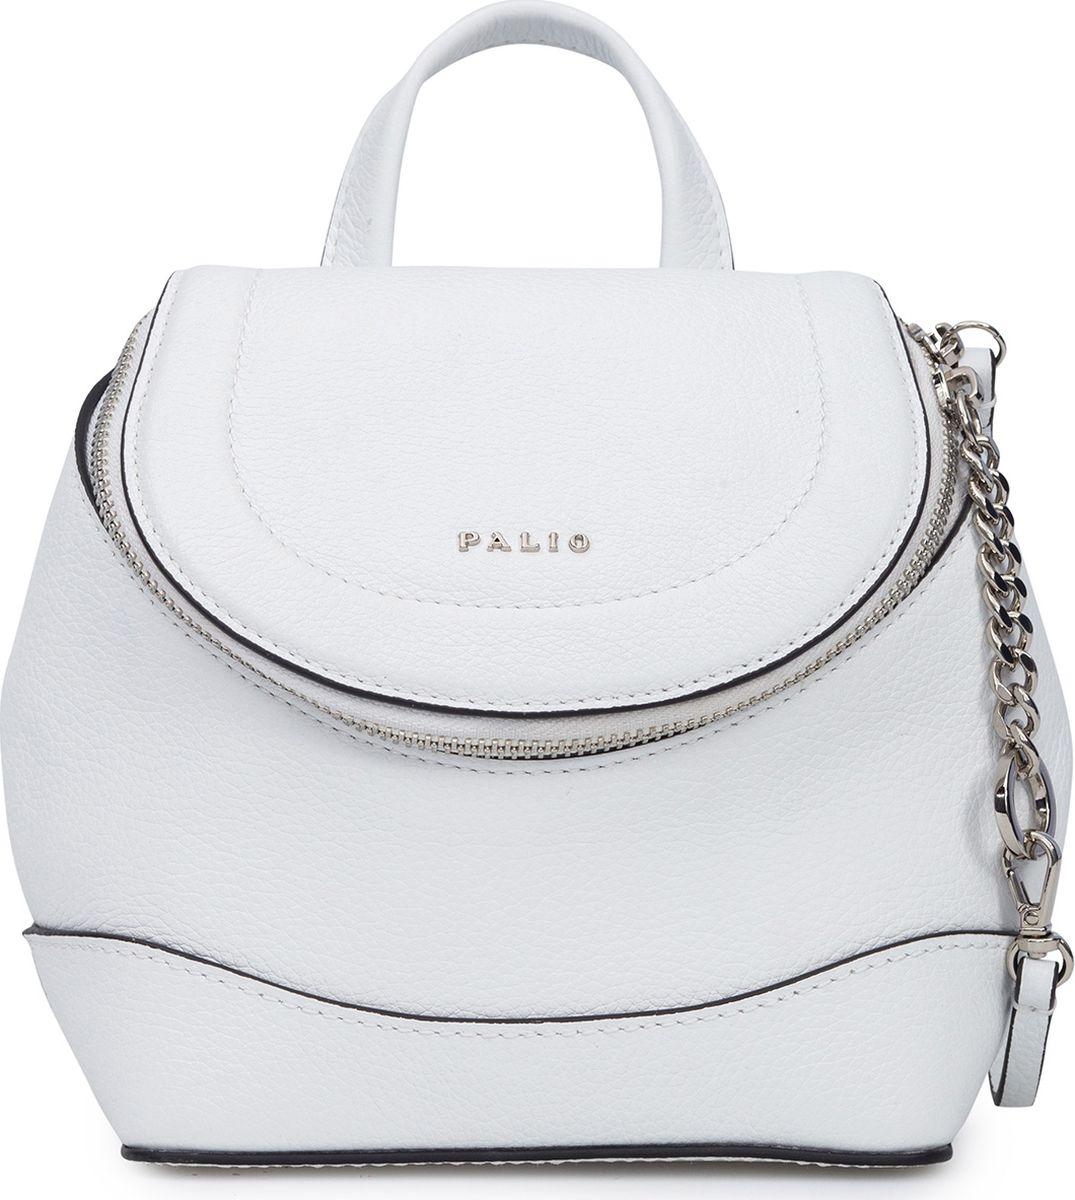 купить Рюкзак женский Palio, 16242A1, белый по цене 6020 рублей